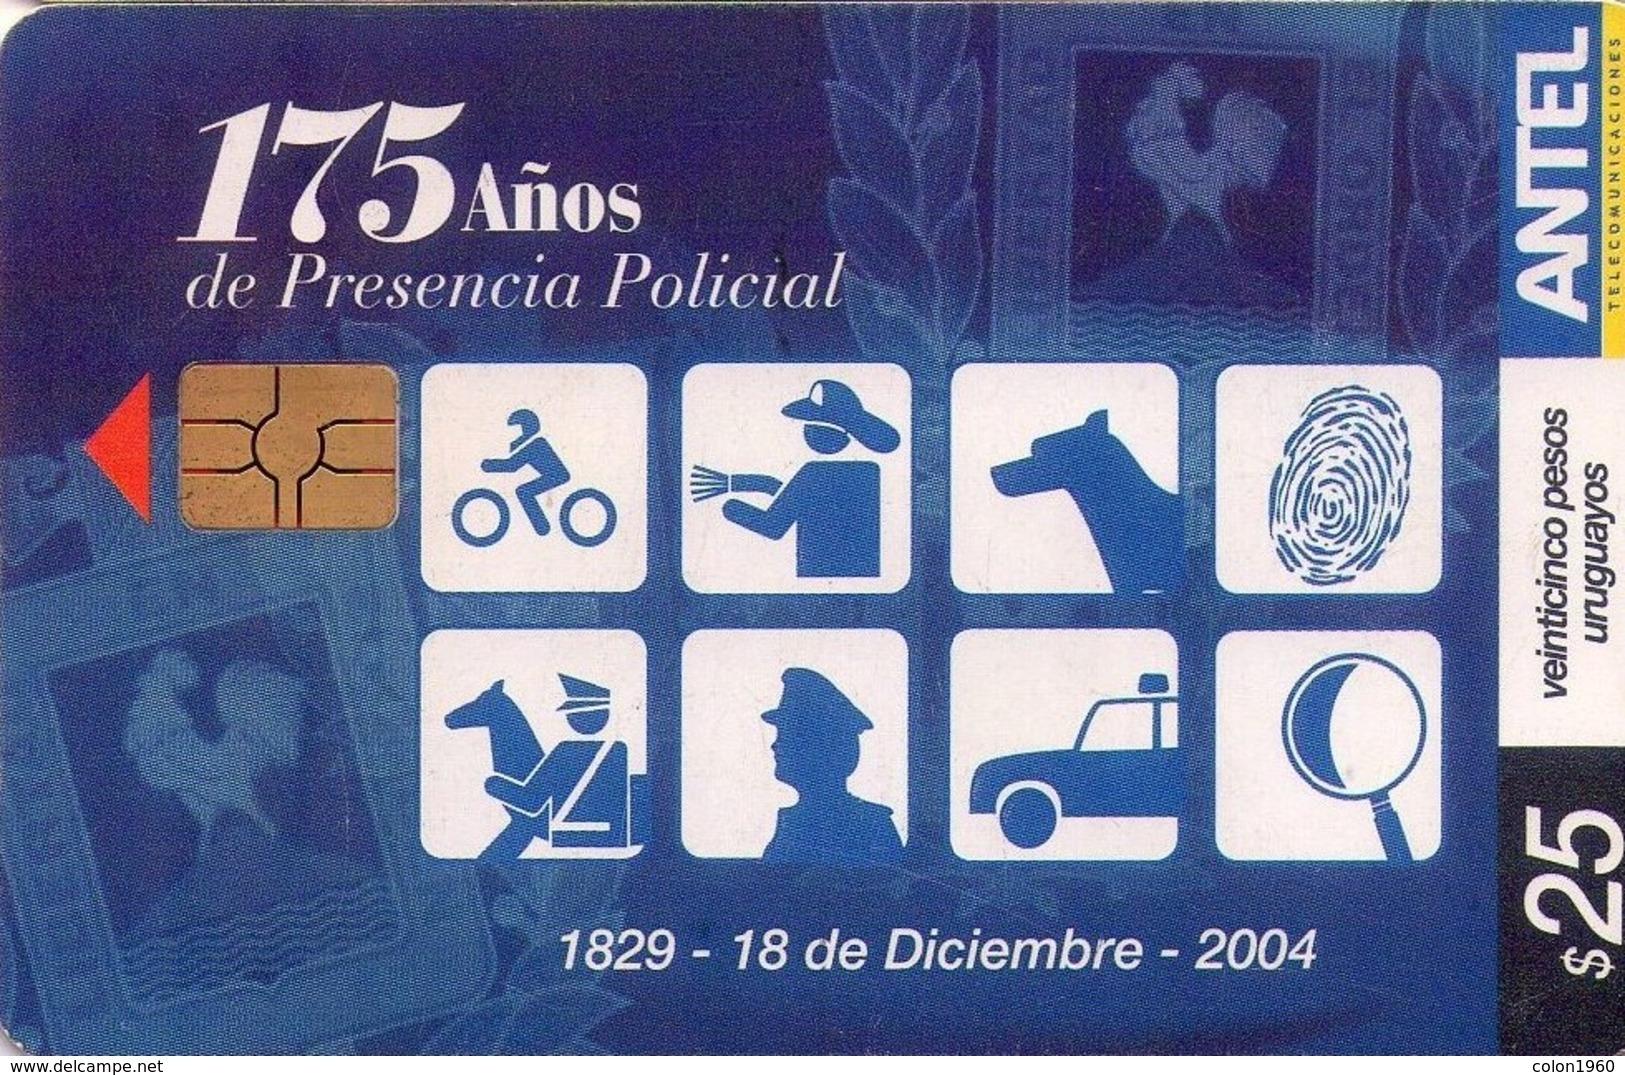 TARJETA TELEFONICA DE URUGUAY, 175 AÑOS PRESENCIA POLICIAL. 371a (001) - Uruguay